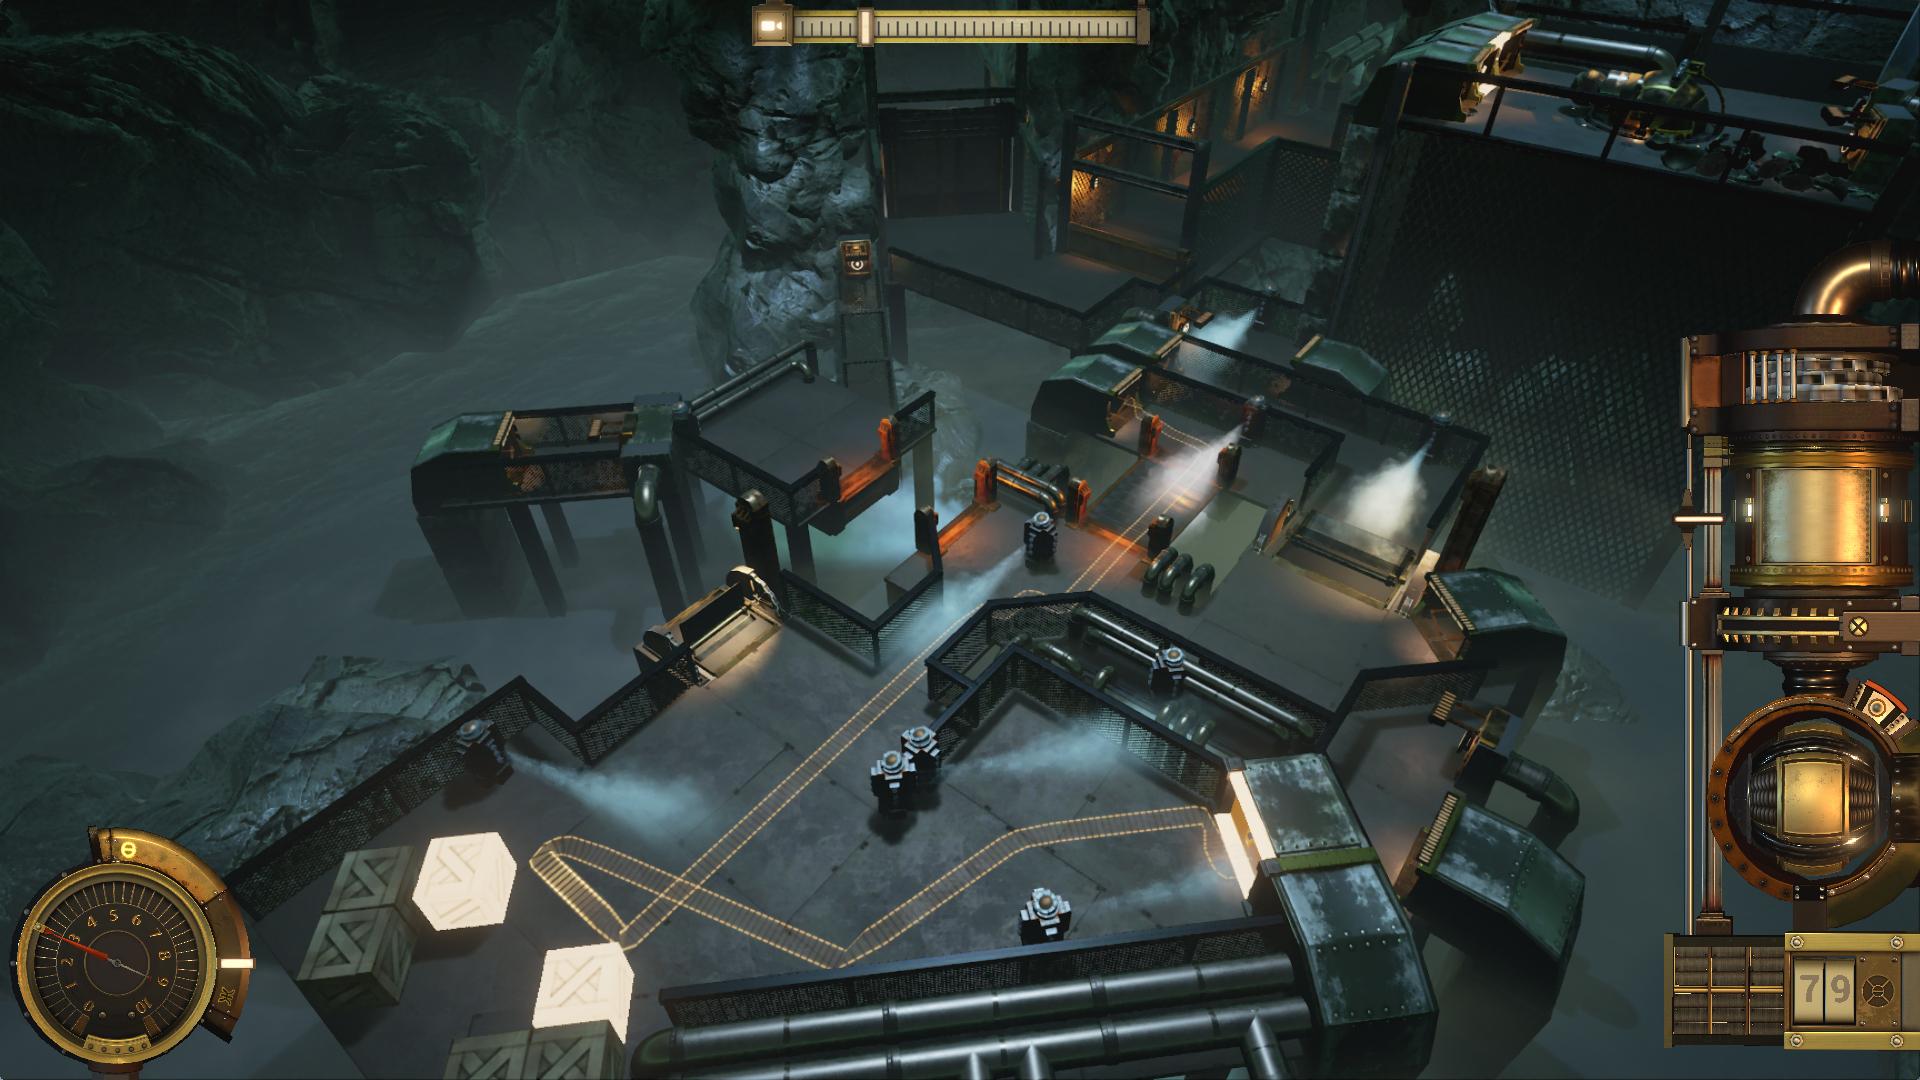 com.steam.378810-screenshot